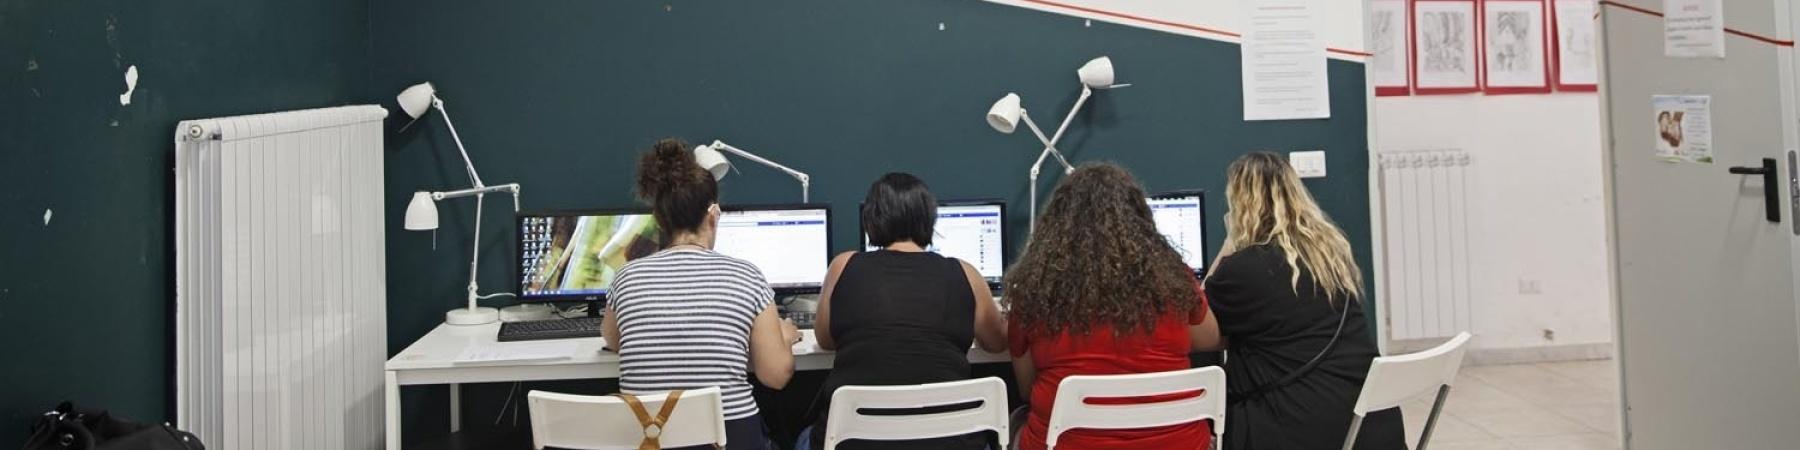 quattro signore davanti al PC sedute di spalle